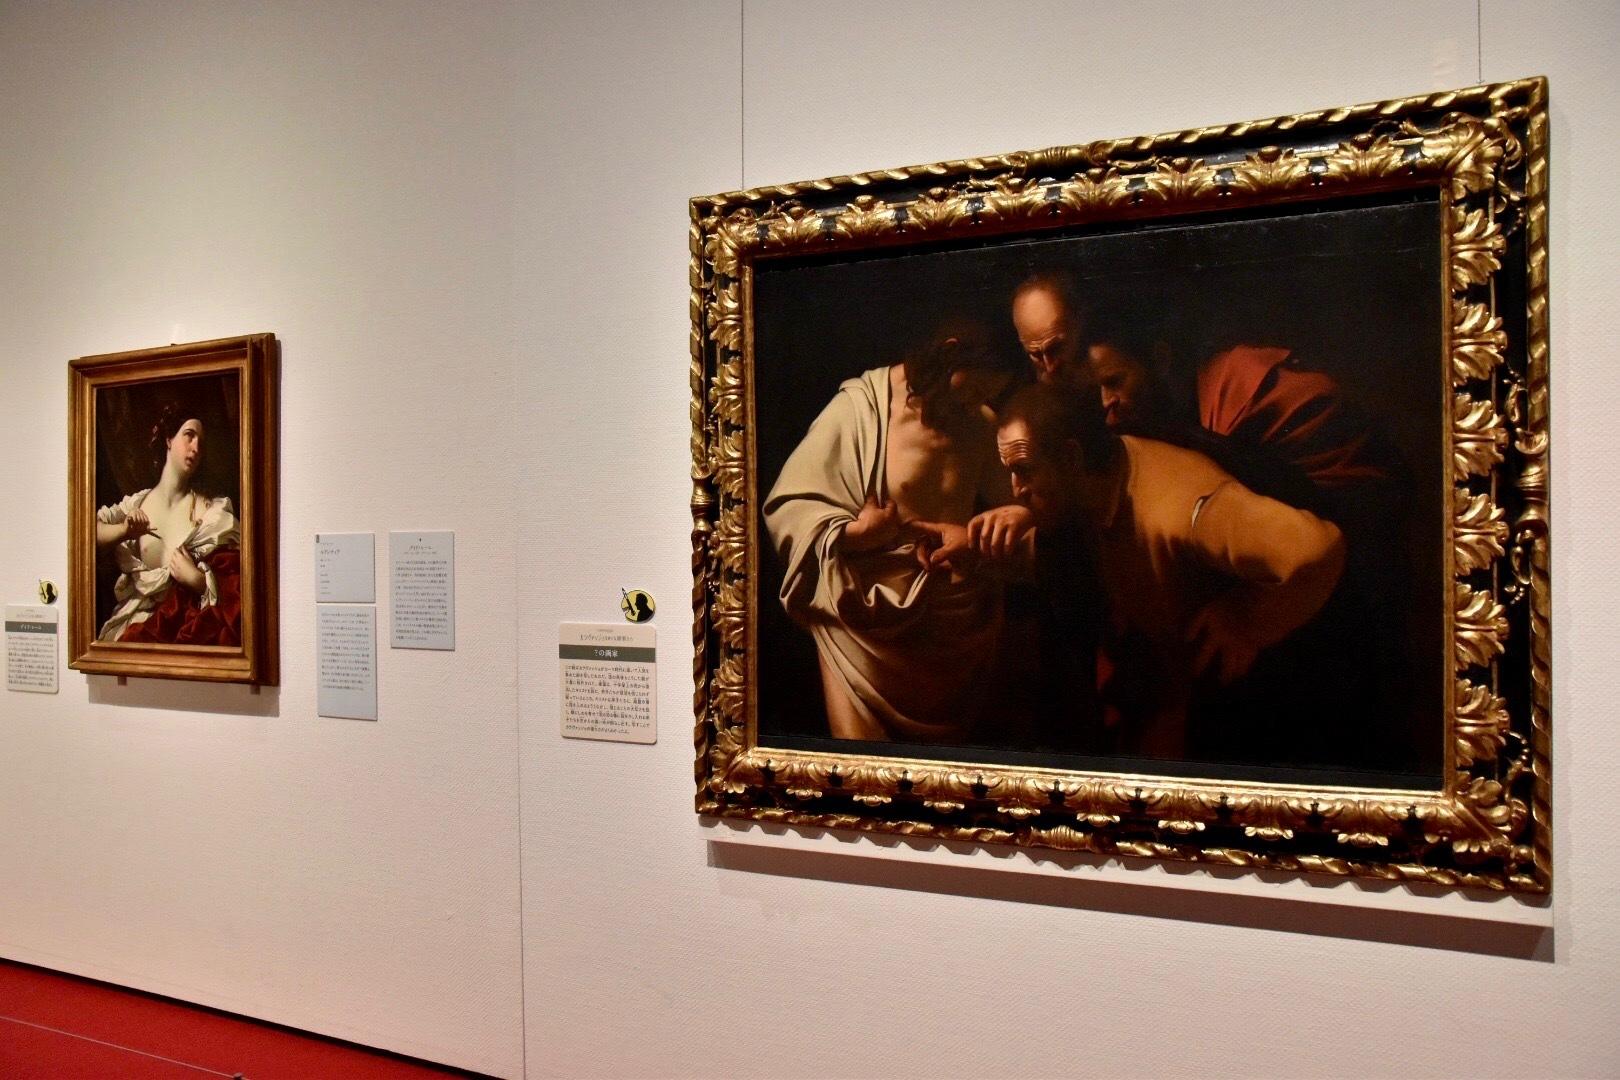 右:17世紀前半の不詳画家《聖トマスの不信(カラヴァッジョ作品からの模写)》1610年頃-66年(ウフィツィ美術館蔵)、左奥:グイド・レーニ《ルクレティア》(個人蔵)